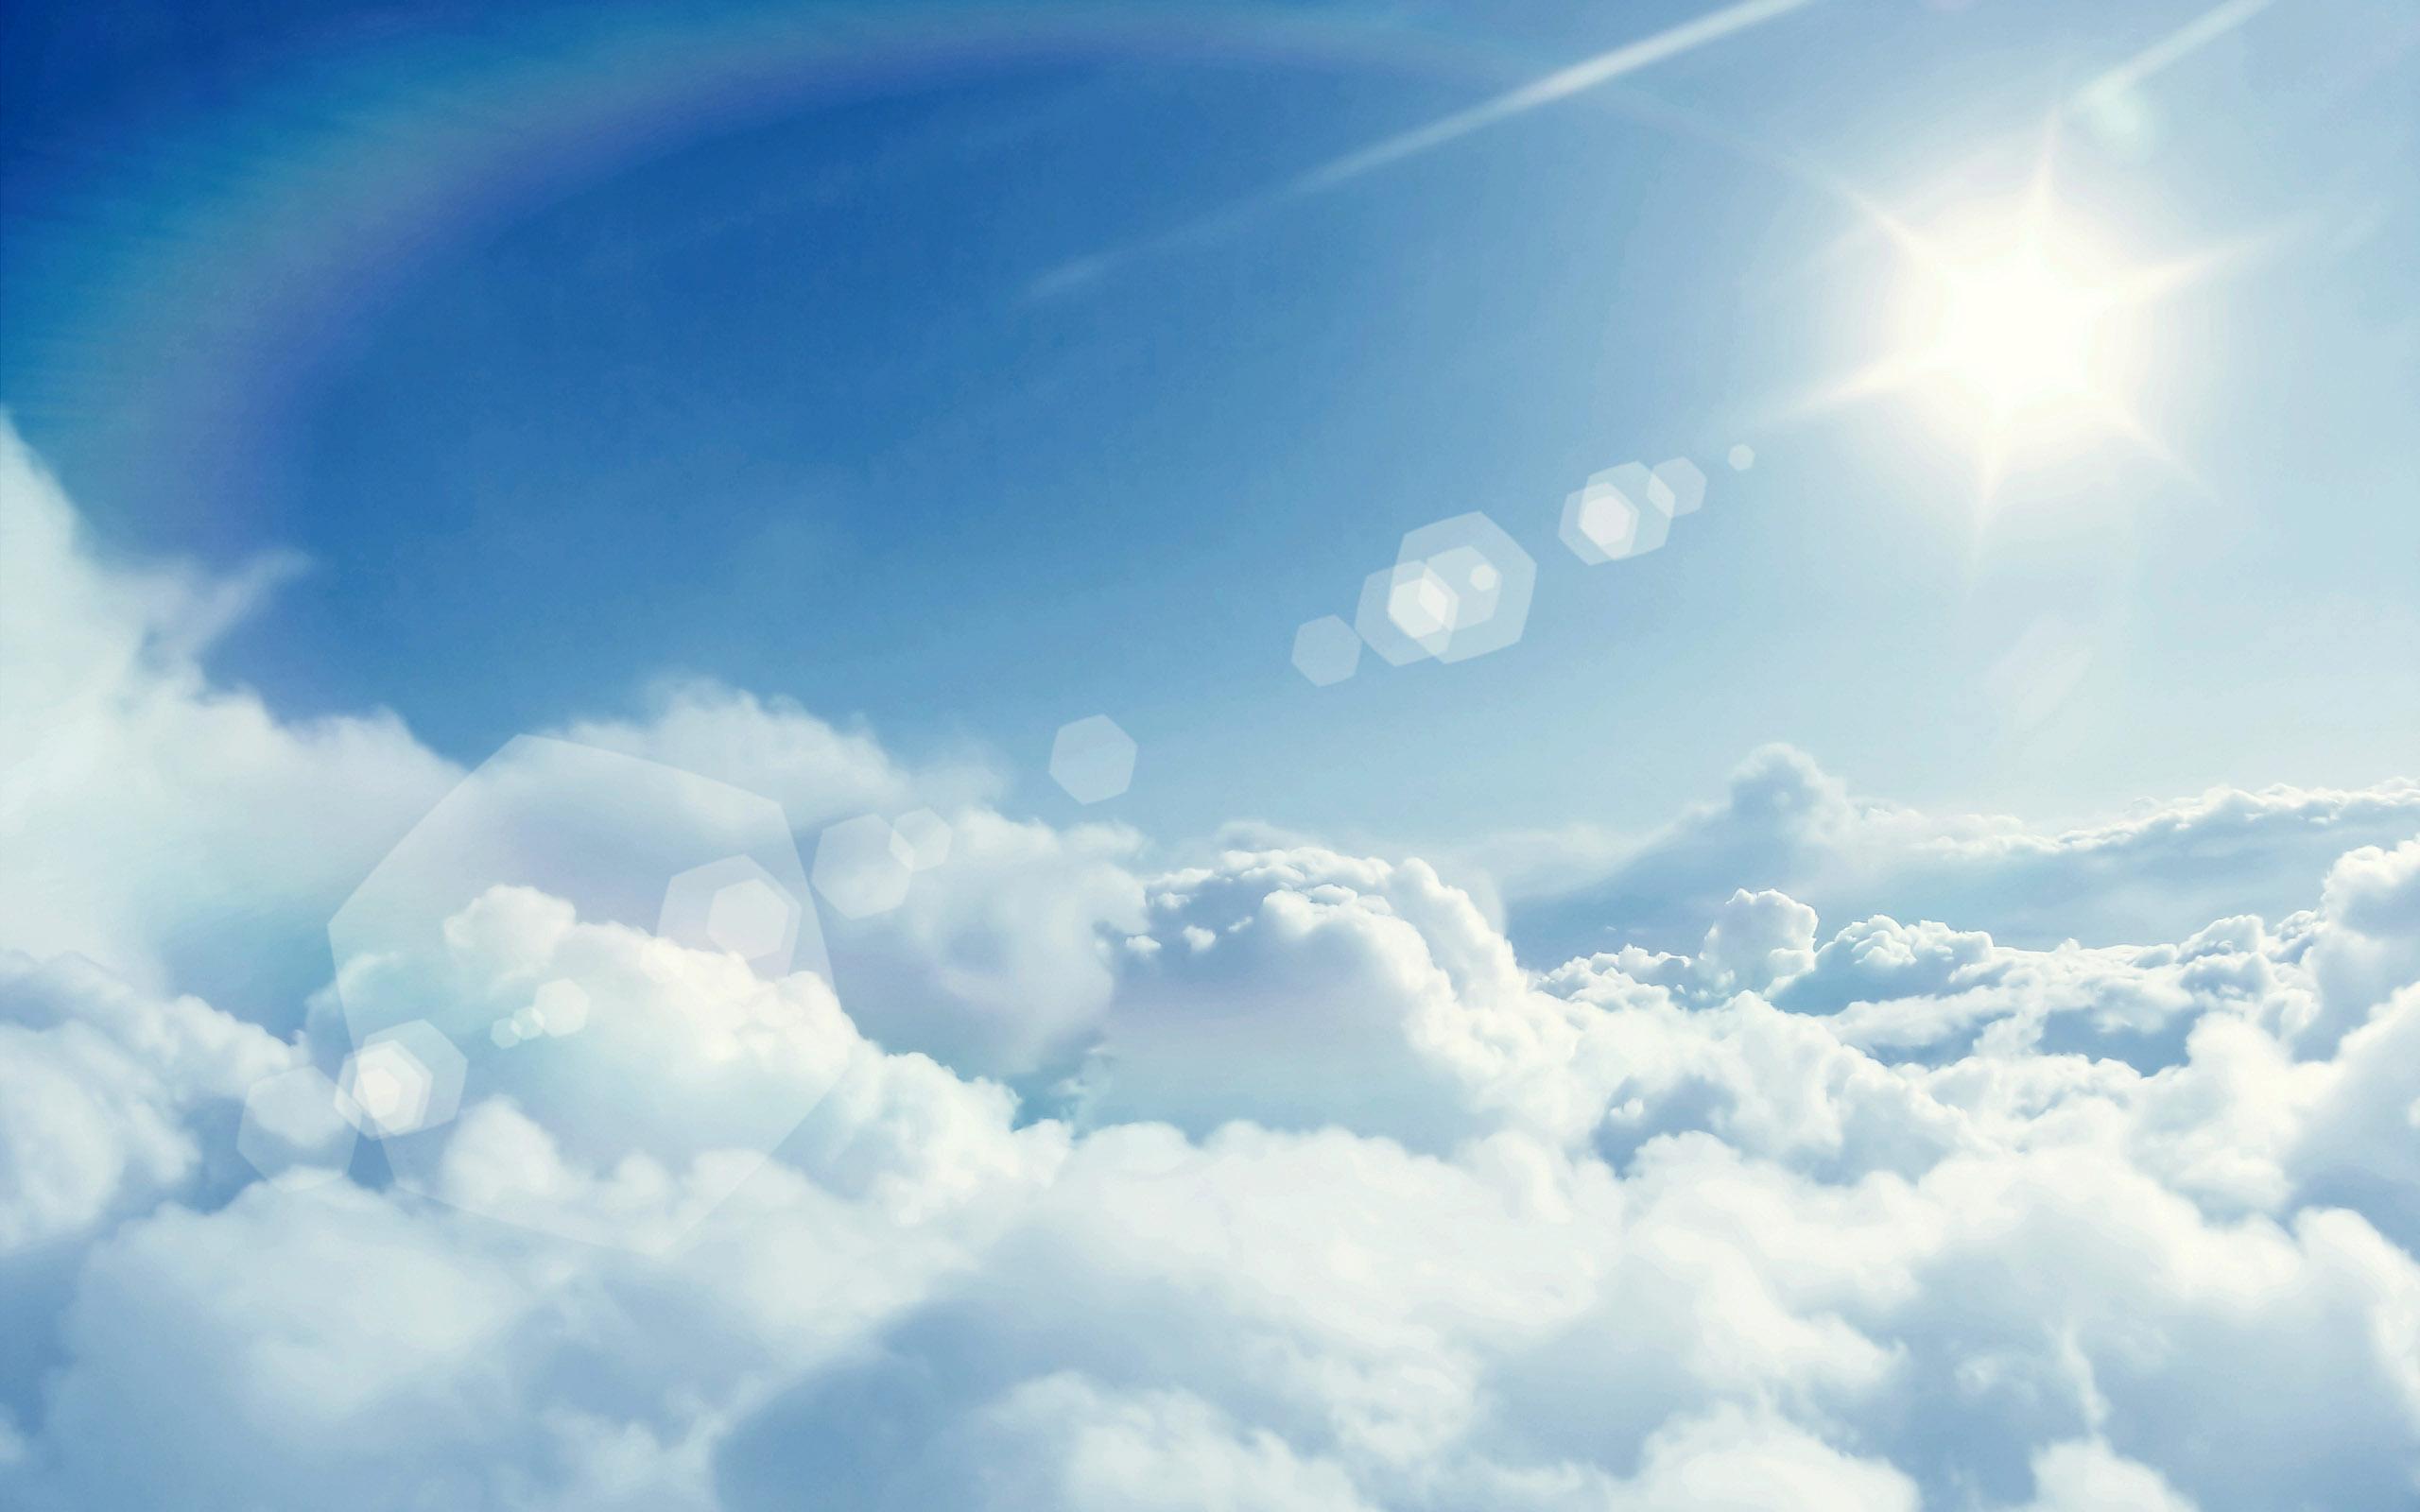 Windows 10 Nature Wallpaper Hd 3d For Desktop Sun And Clouds Wallpaper Pixelstalk Net